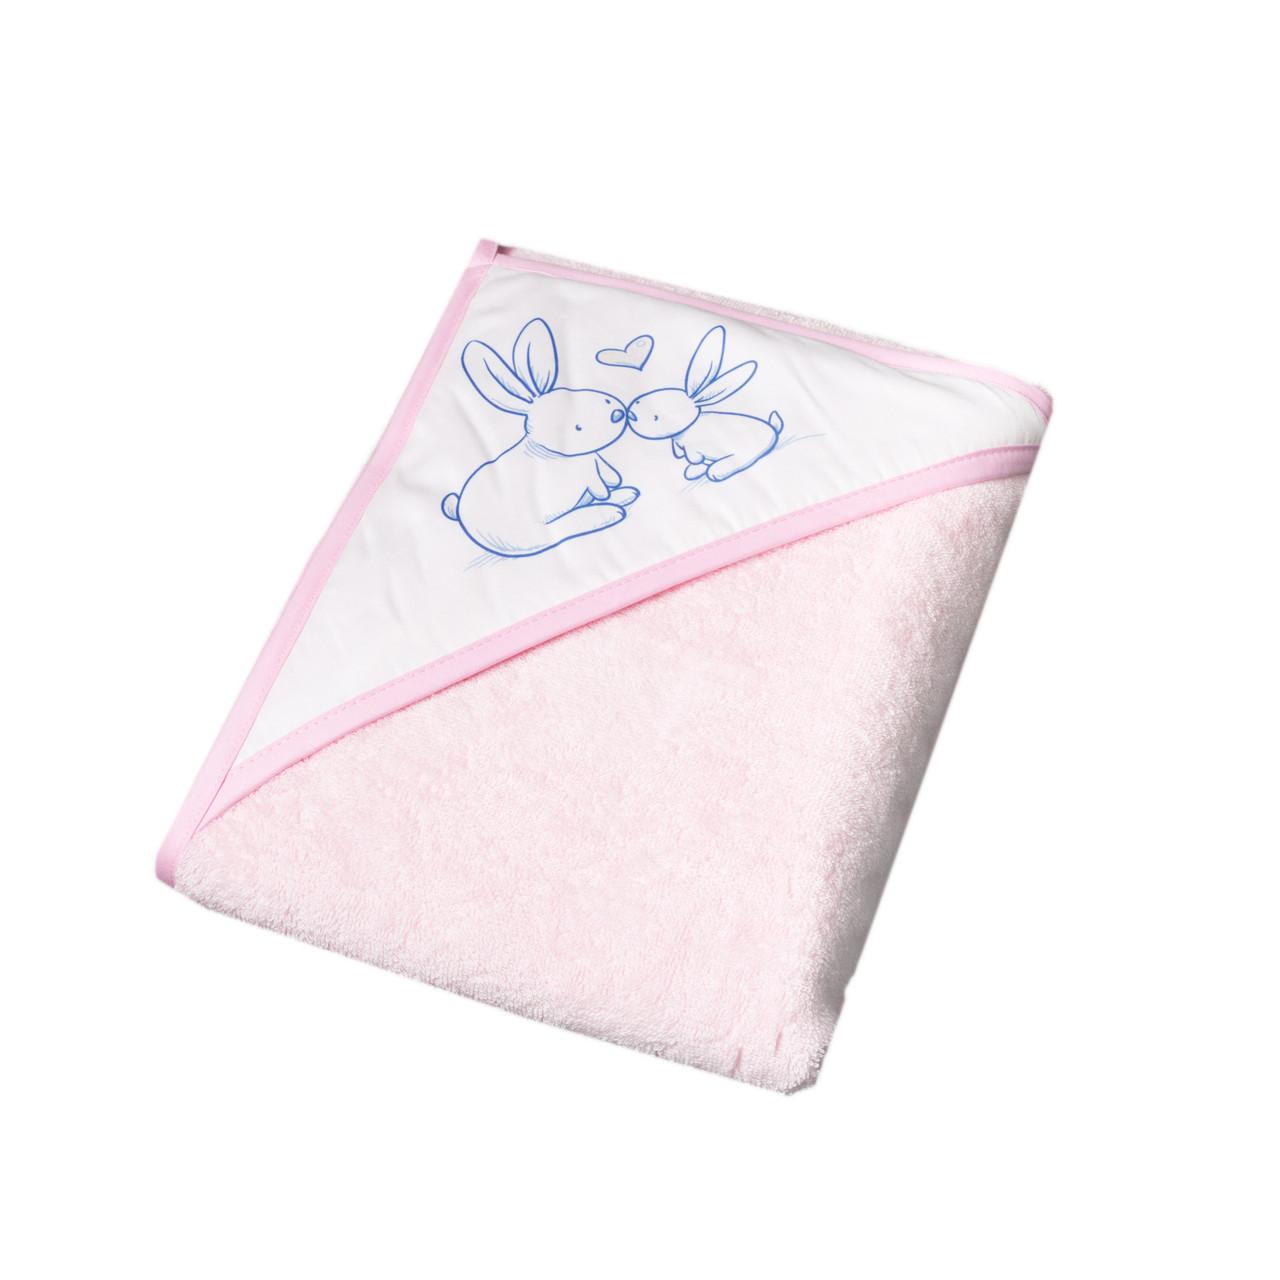 Полотенце с капюшоном КРОЛИКИ 100*100 см Tega Baby Розовый